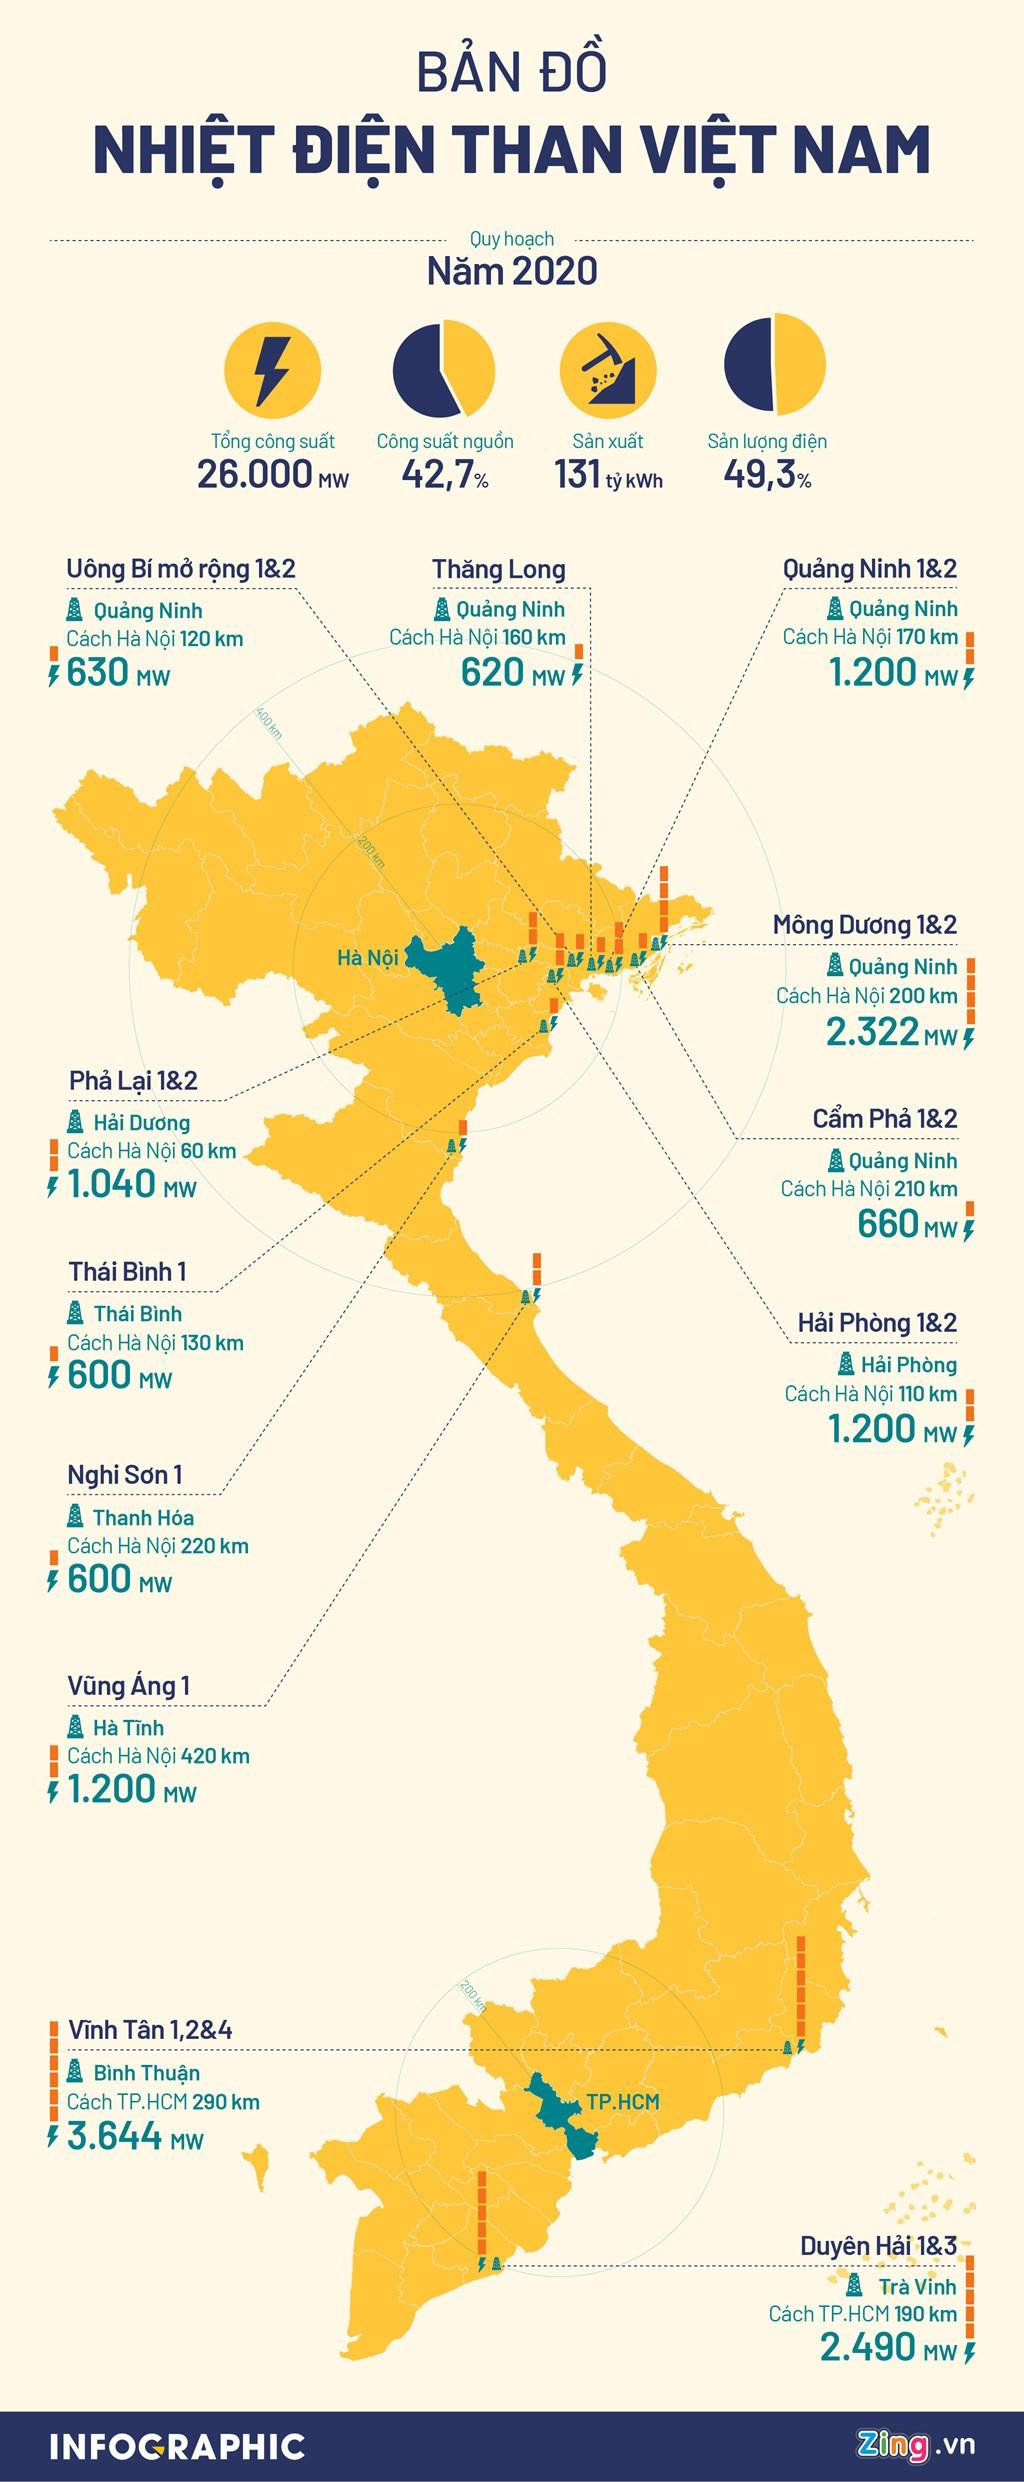 Các nhà máy nhiệt điện than lớn cách Hà Nội và TP.HCM bao xa? - Ảnh 1.